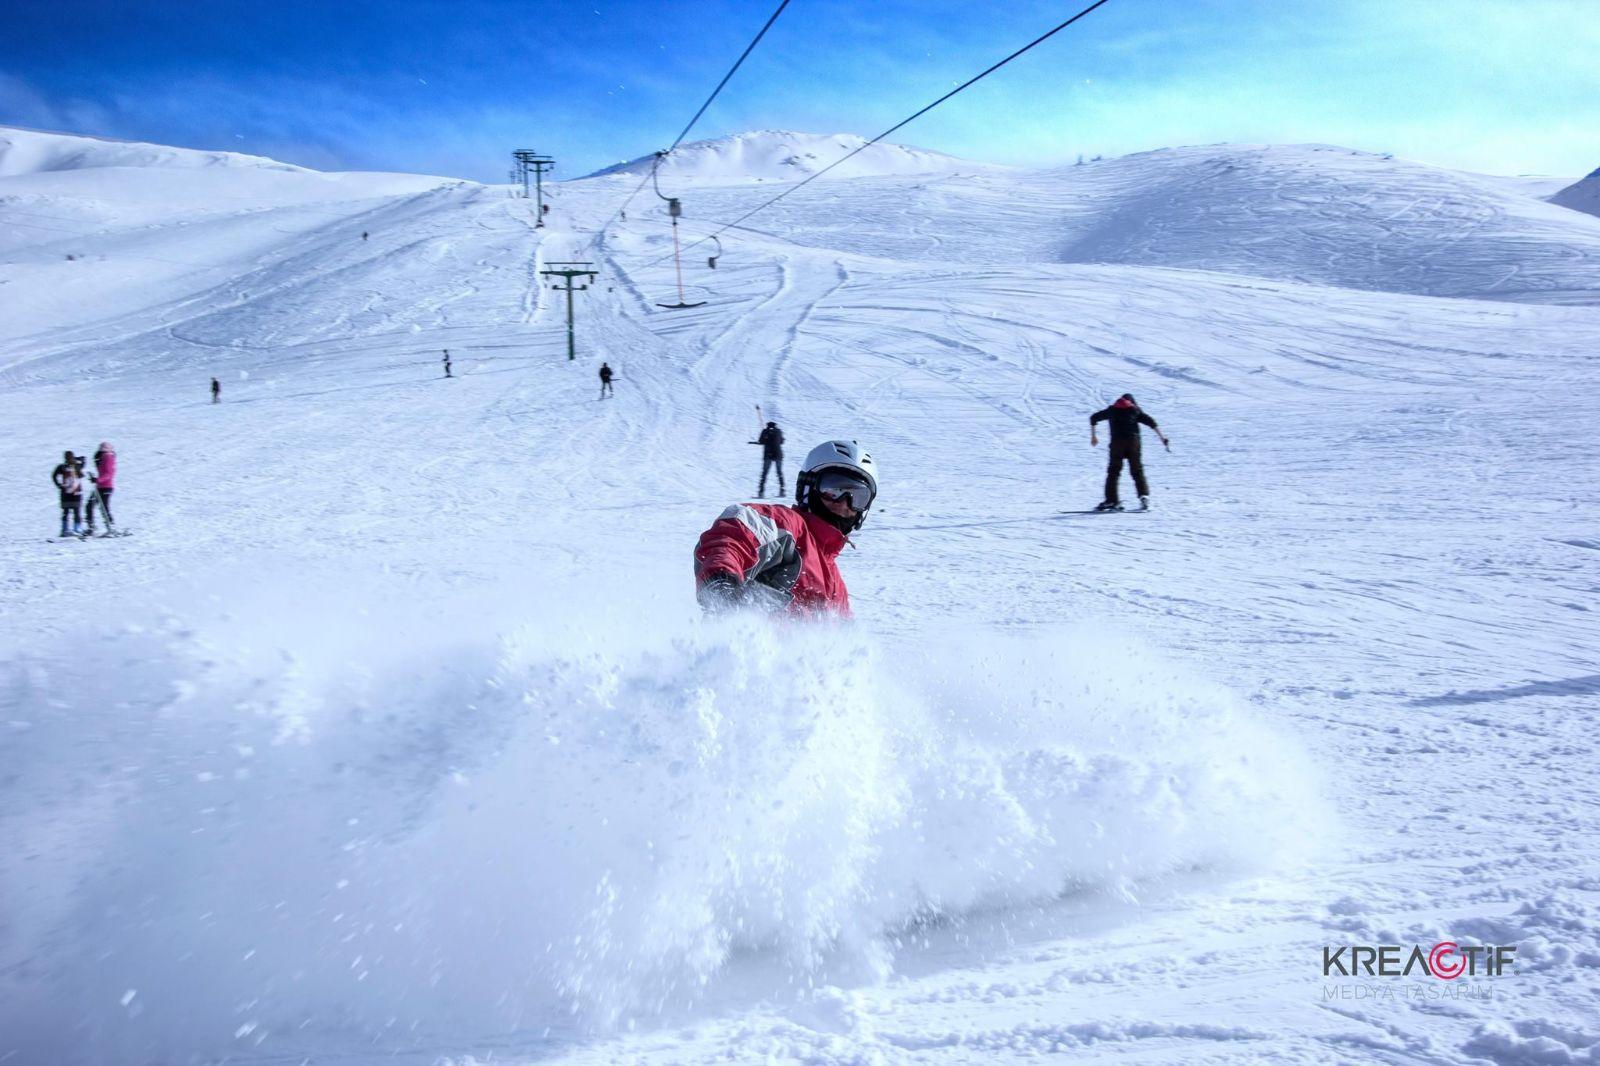 hazarbaba kayak merkezi fotograf cekimi kreactif 3